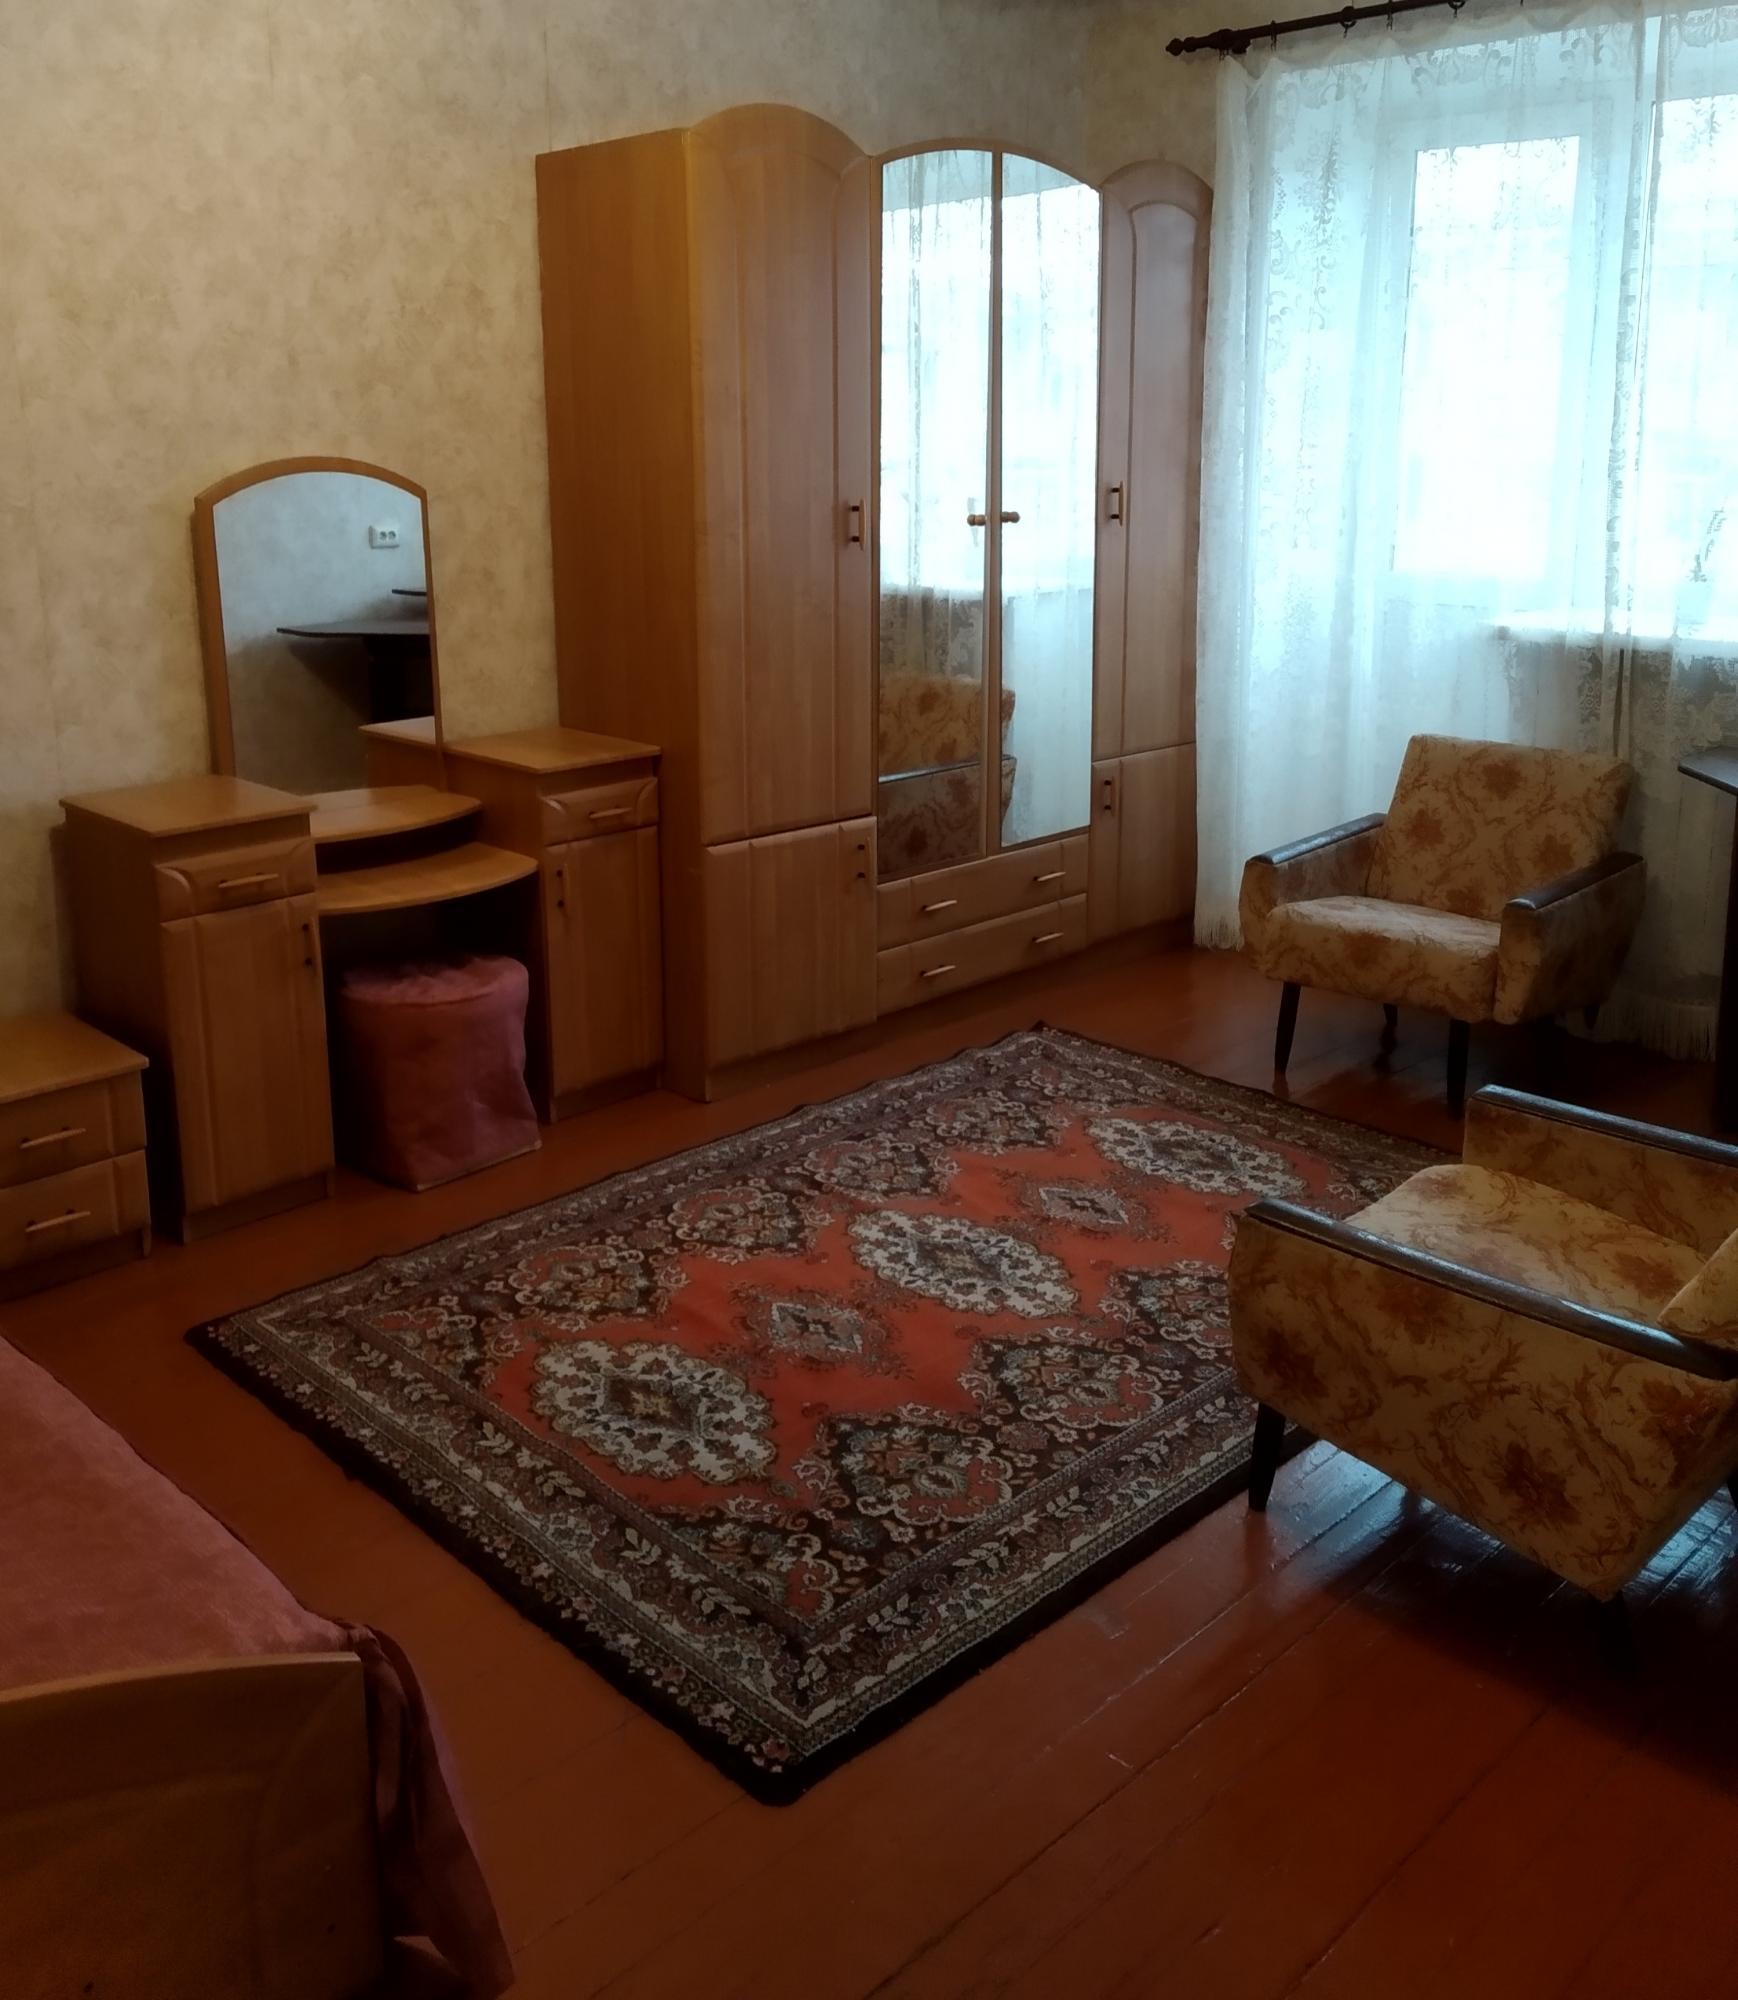 1к квартира проспект Мира, 111 | 13500 | аренда в Красноярске фото 2